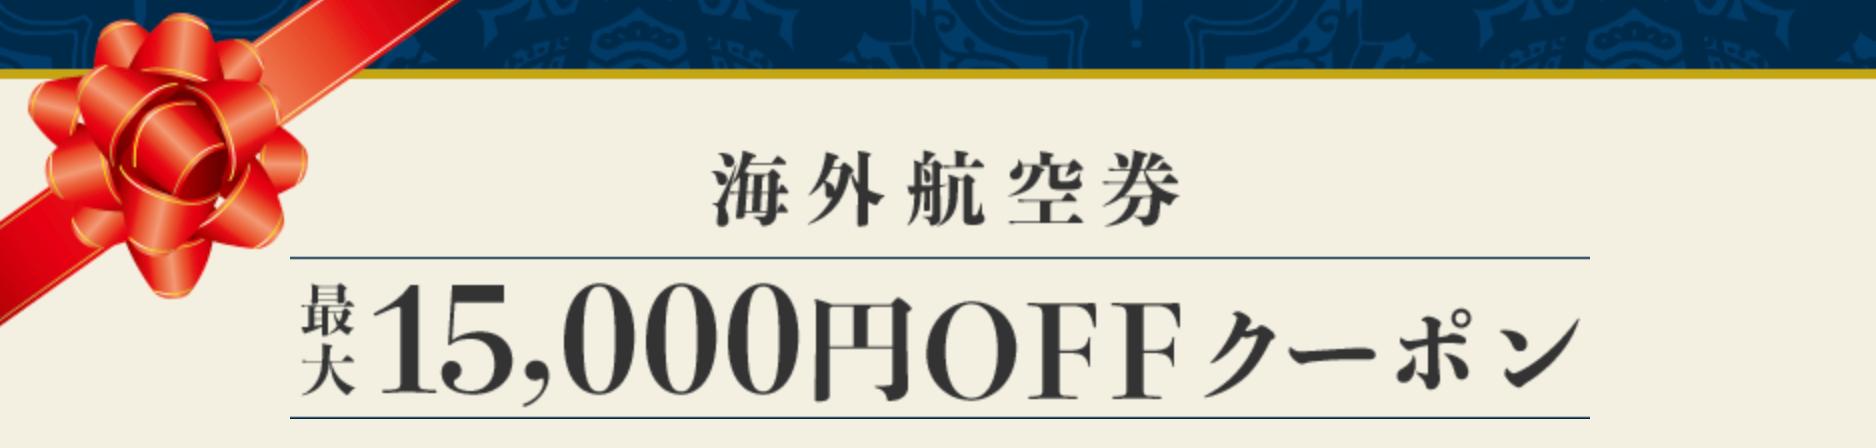 エアトリの海外航空券予約が最大15,000円割引クーポン